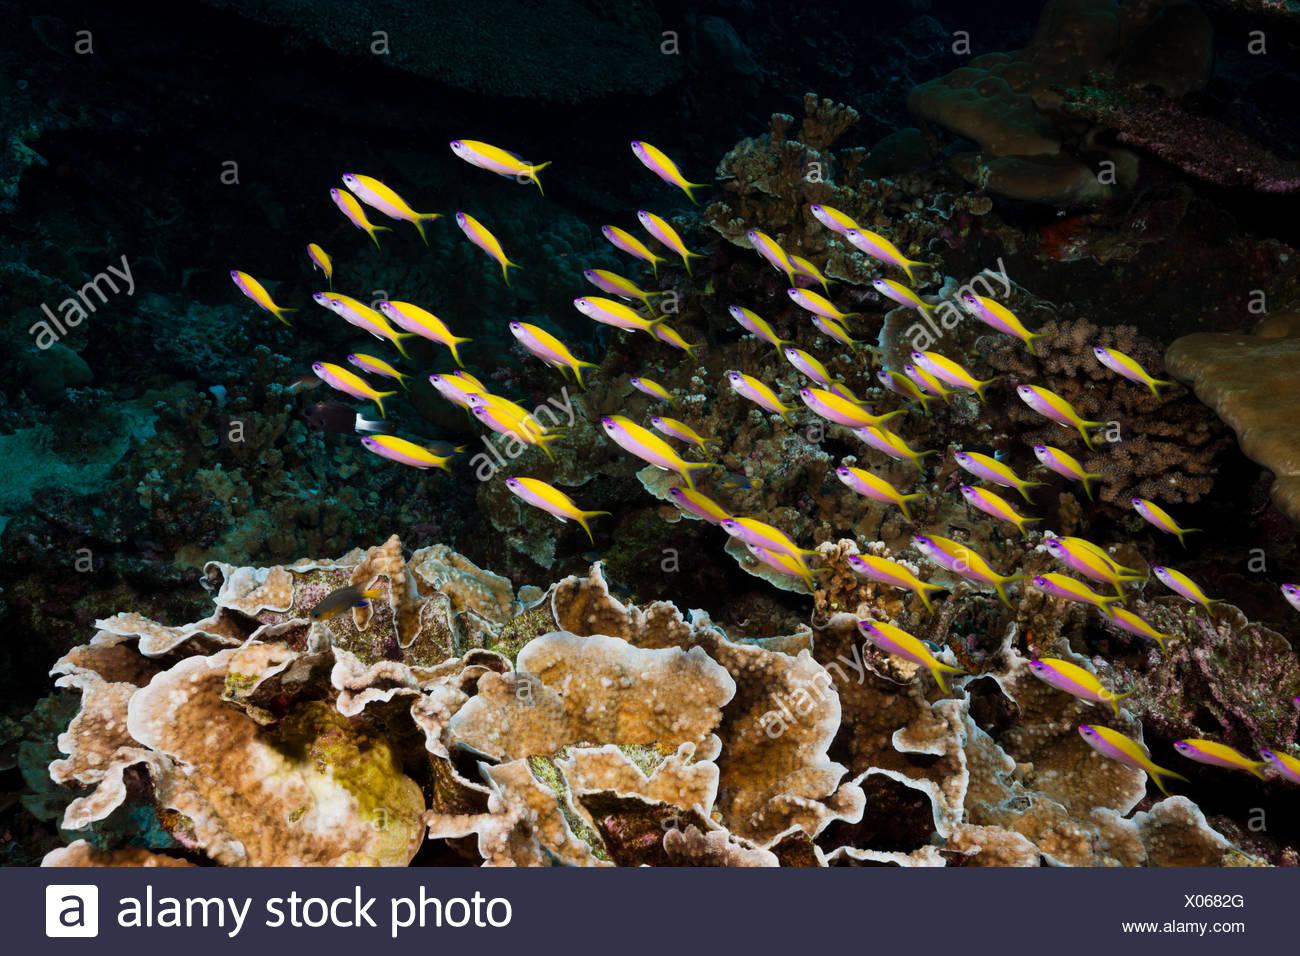 Shoal of Yellowback Anthias, Pseudanthias evansi, Christmas Island, Australia Stock Photo